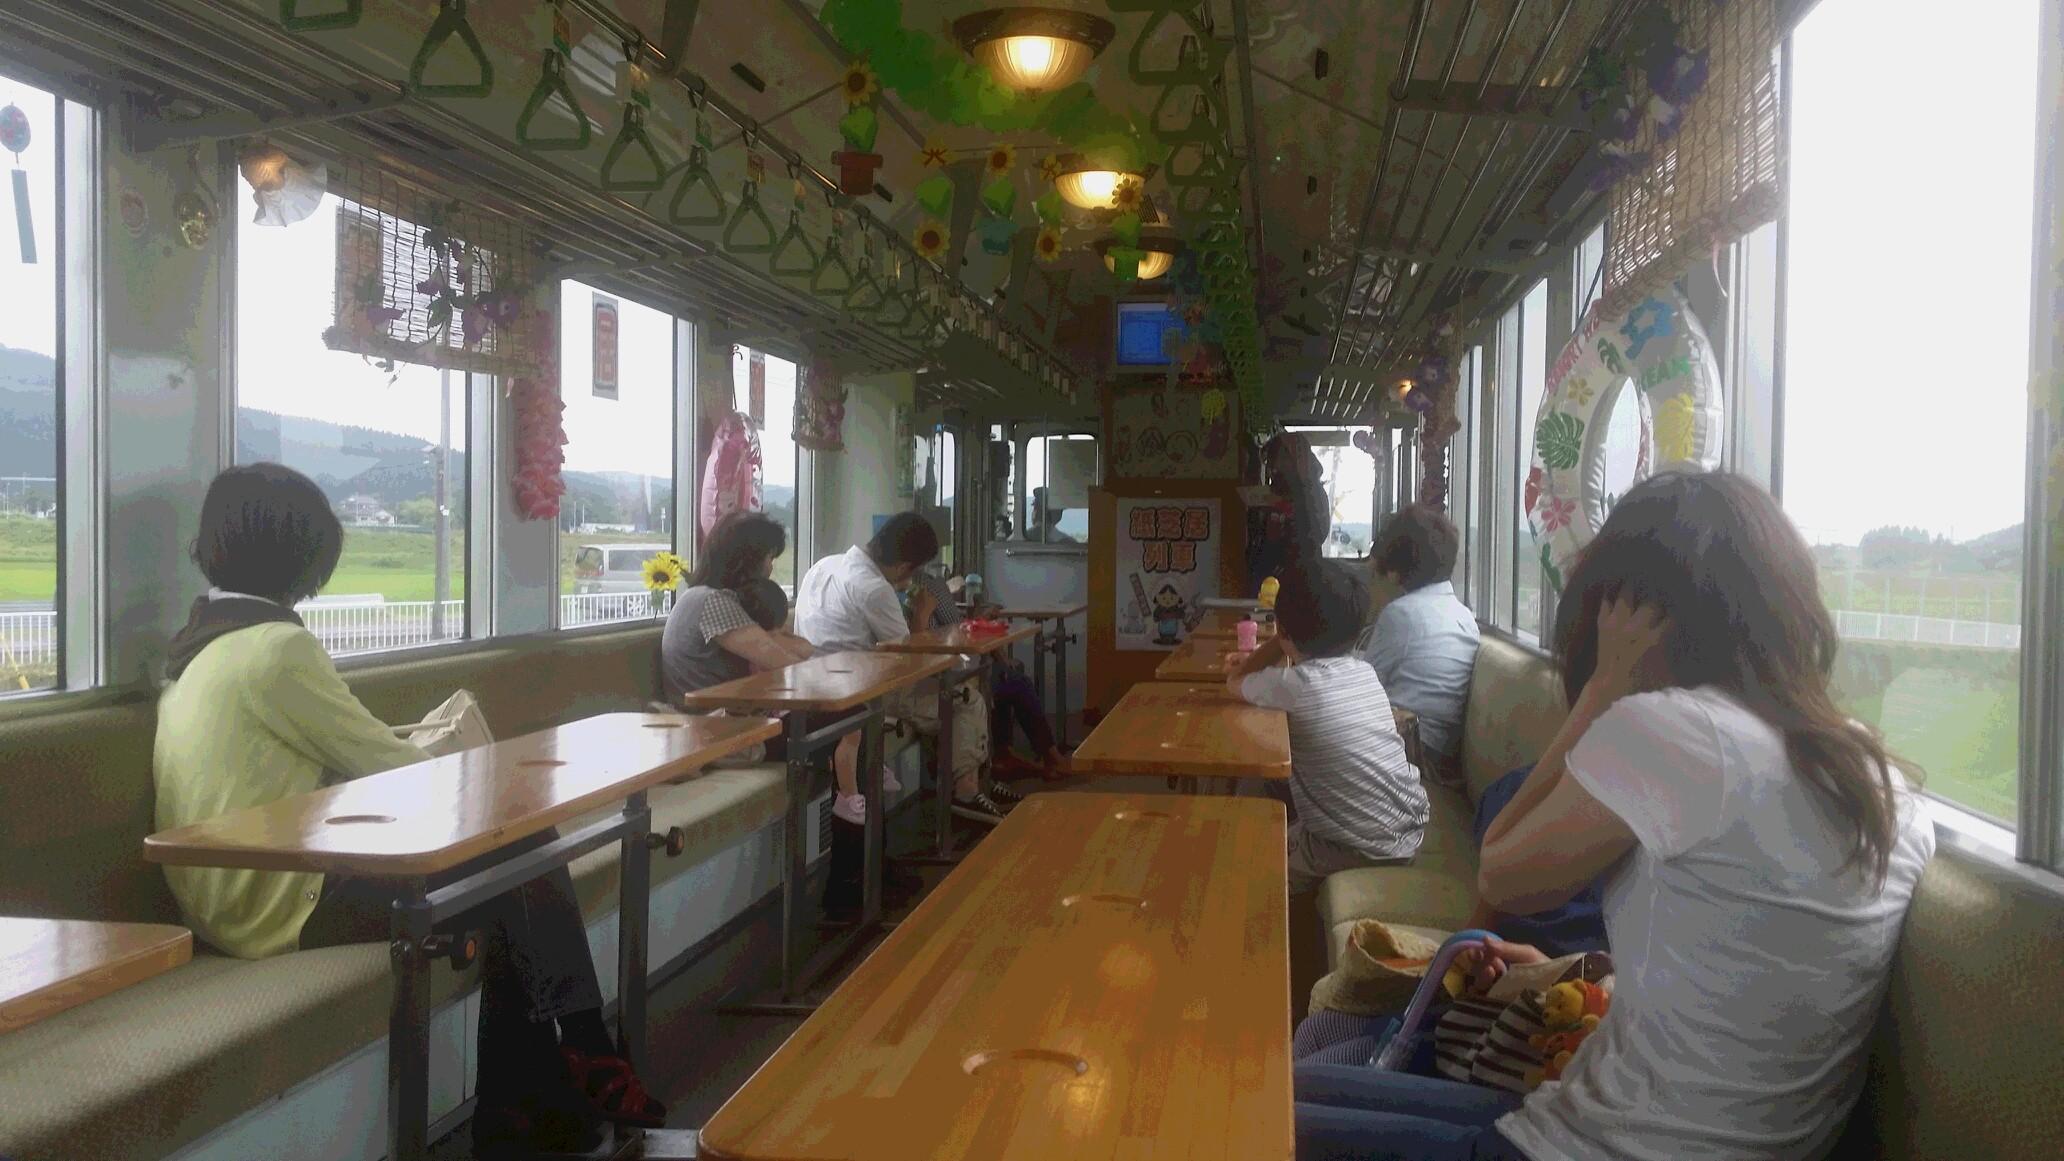 紙芝居列車定期運行!子供たちが乗ってくださってます。_d0005807_872038.jpg